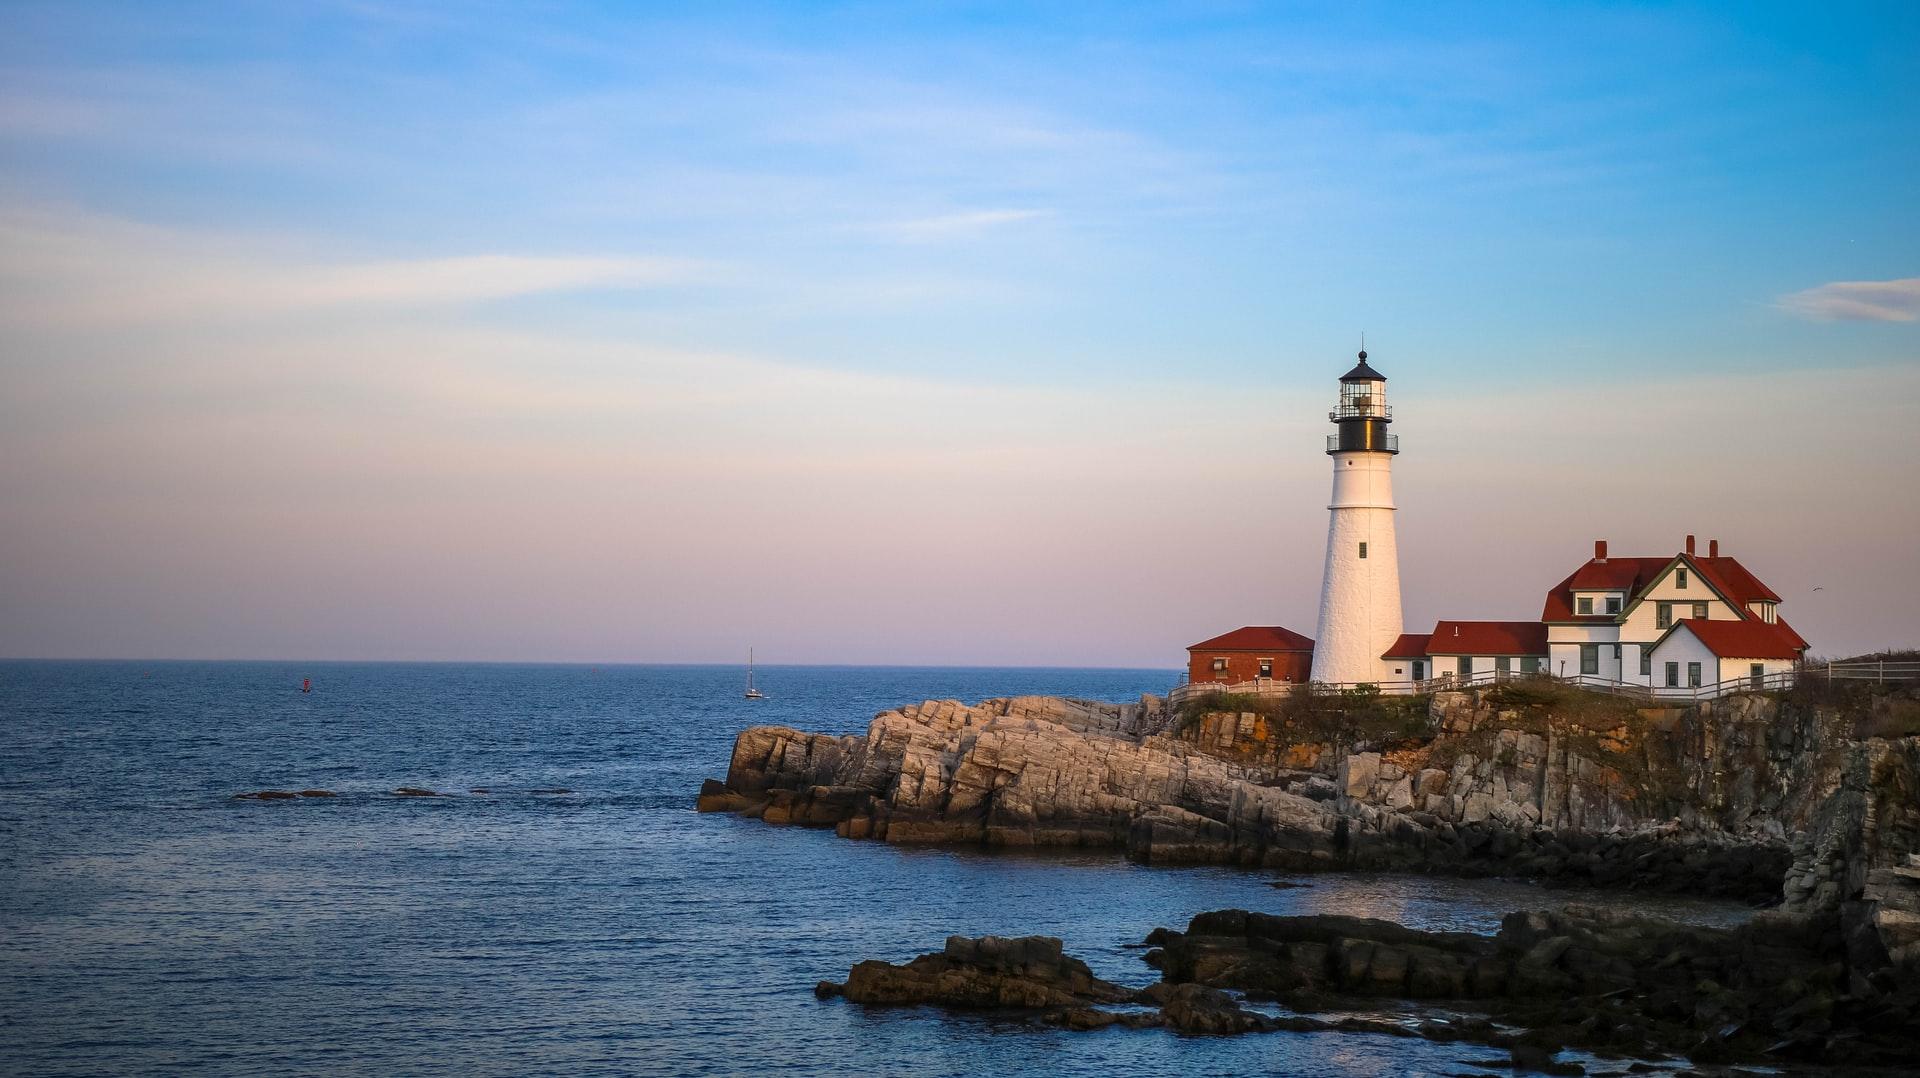 A Lighthouse illuminating the sea